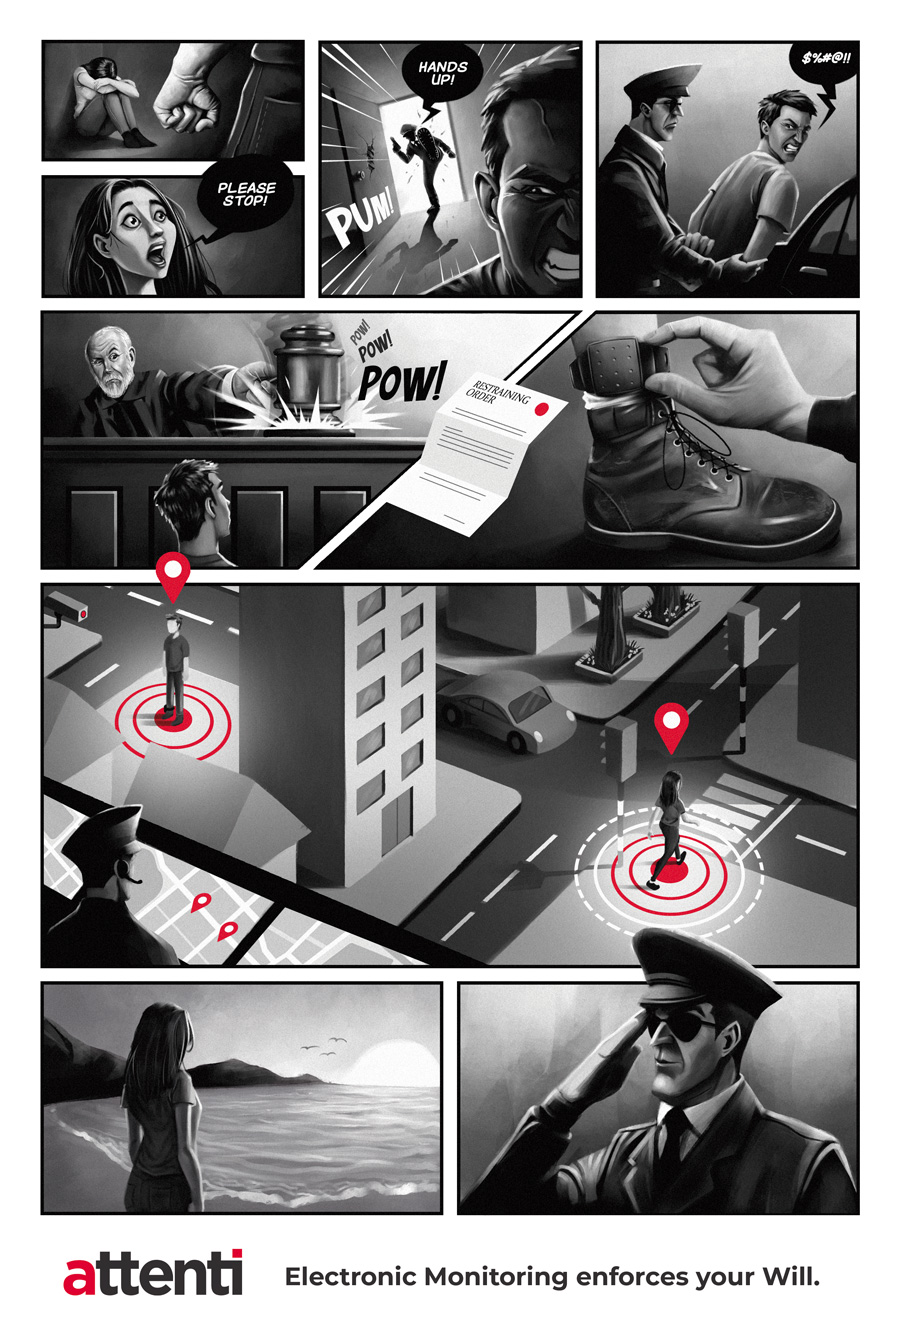 attenti - electronic monitoring